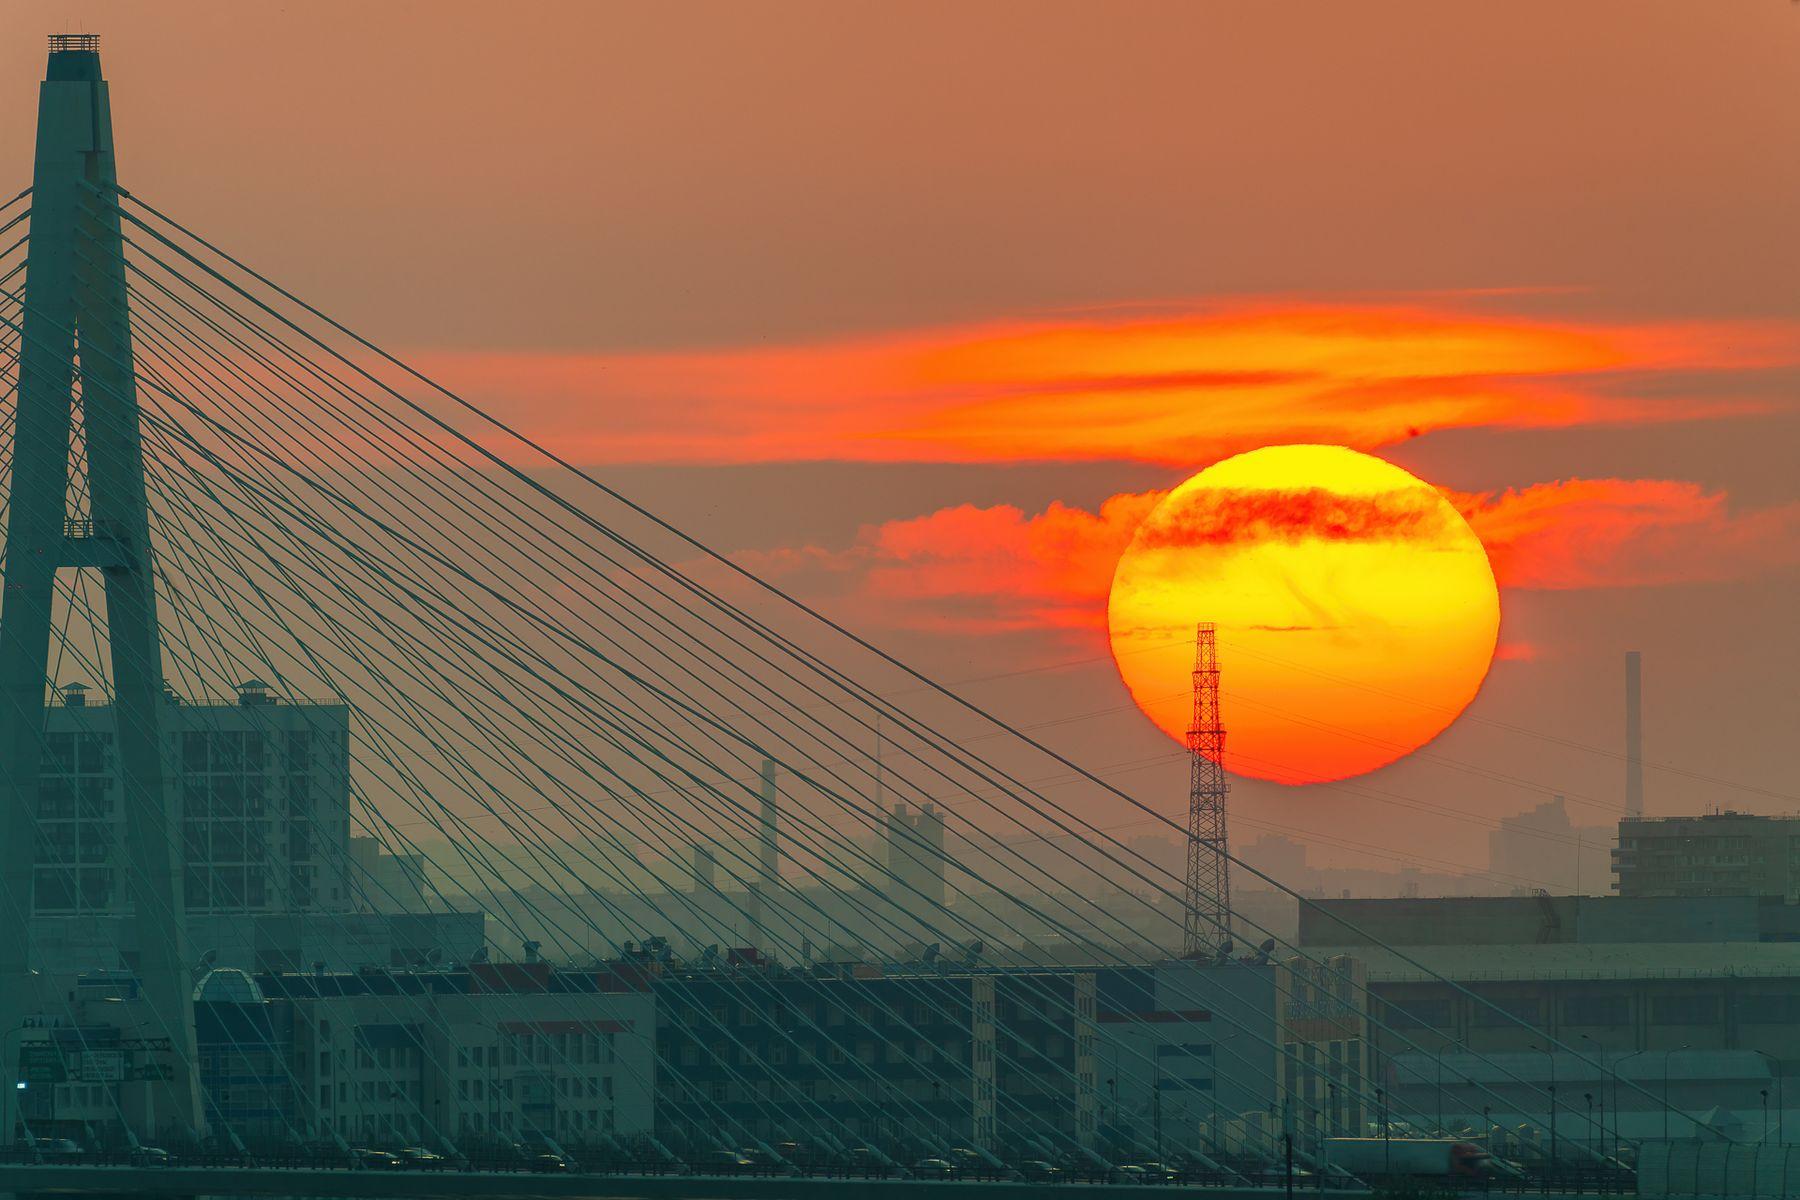 Облачный закат санкт-петербург вантовый мост солнце лето закат облака